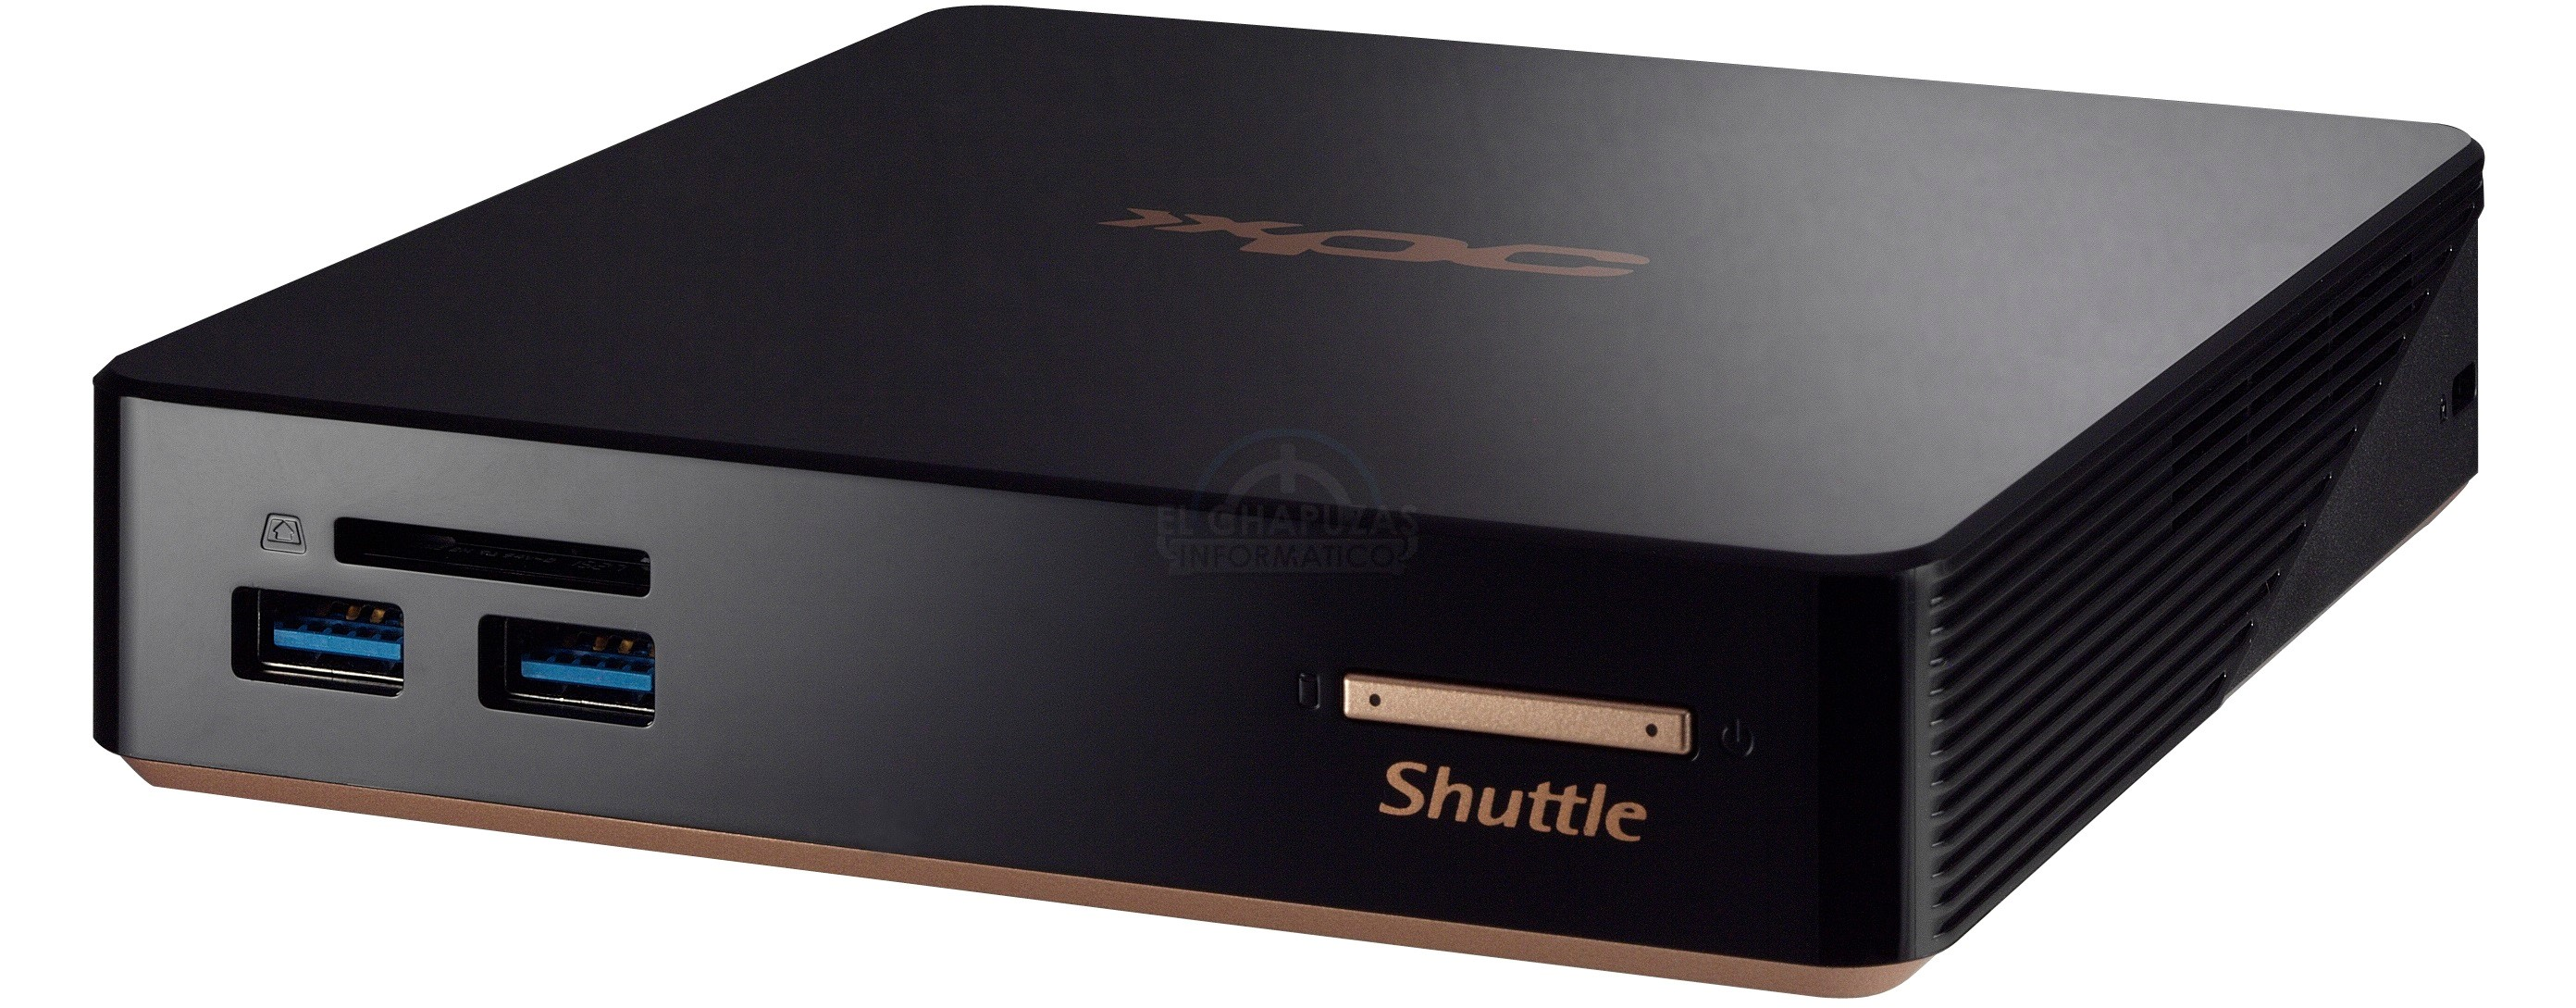 Shuttle NC01U: El ordenador más pequeño de la compañía